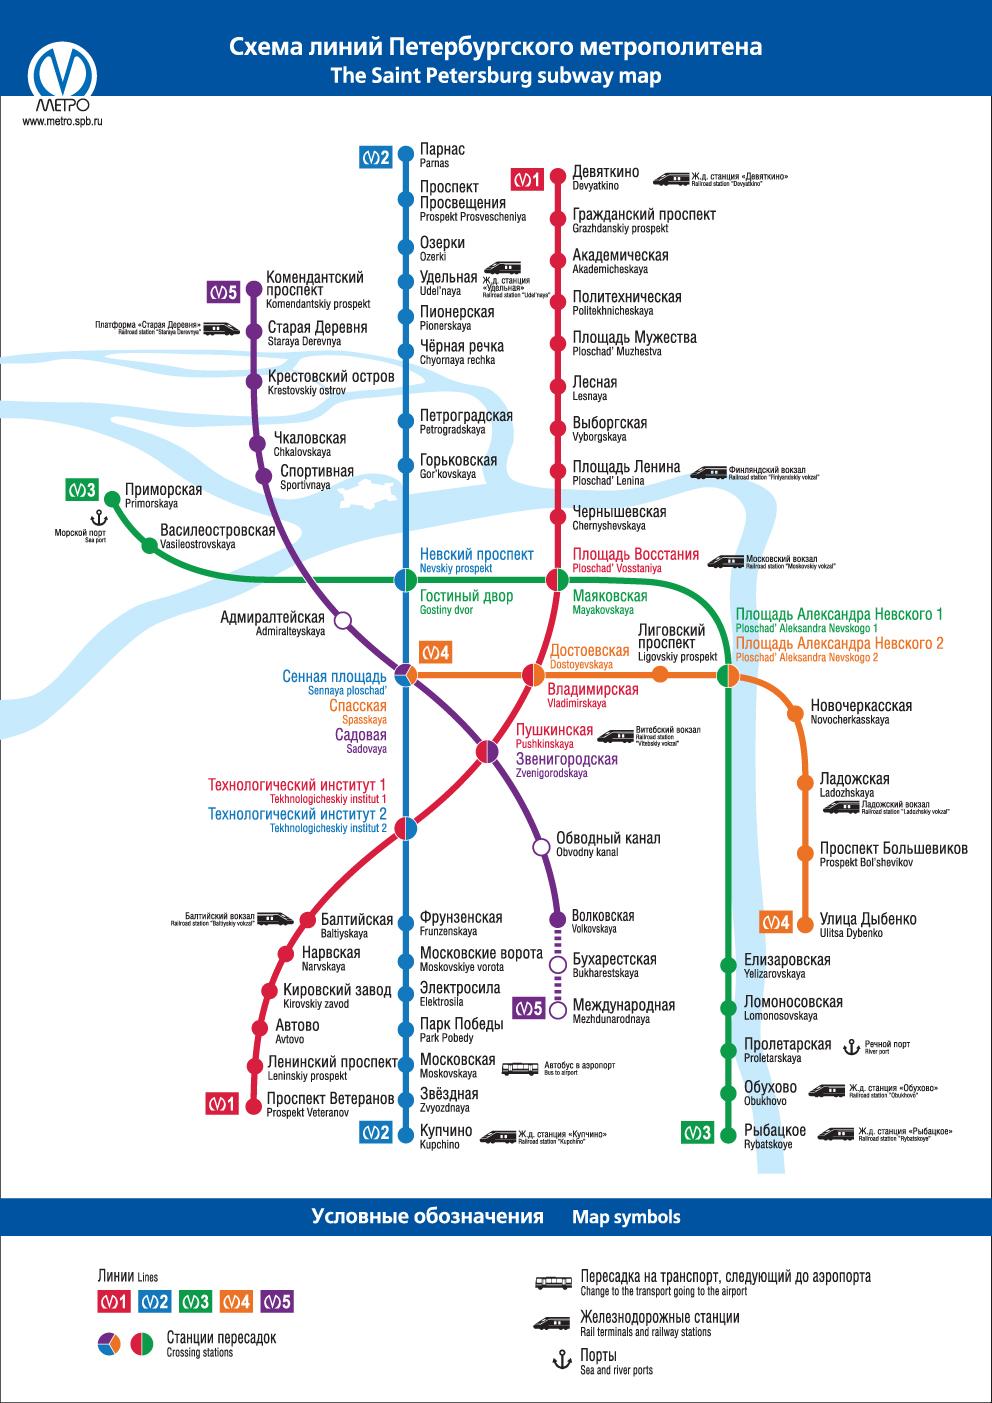 Схема линий метро санкт-петербурга со временем ходьбы между станциями